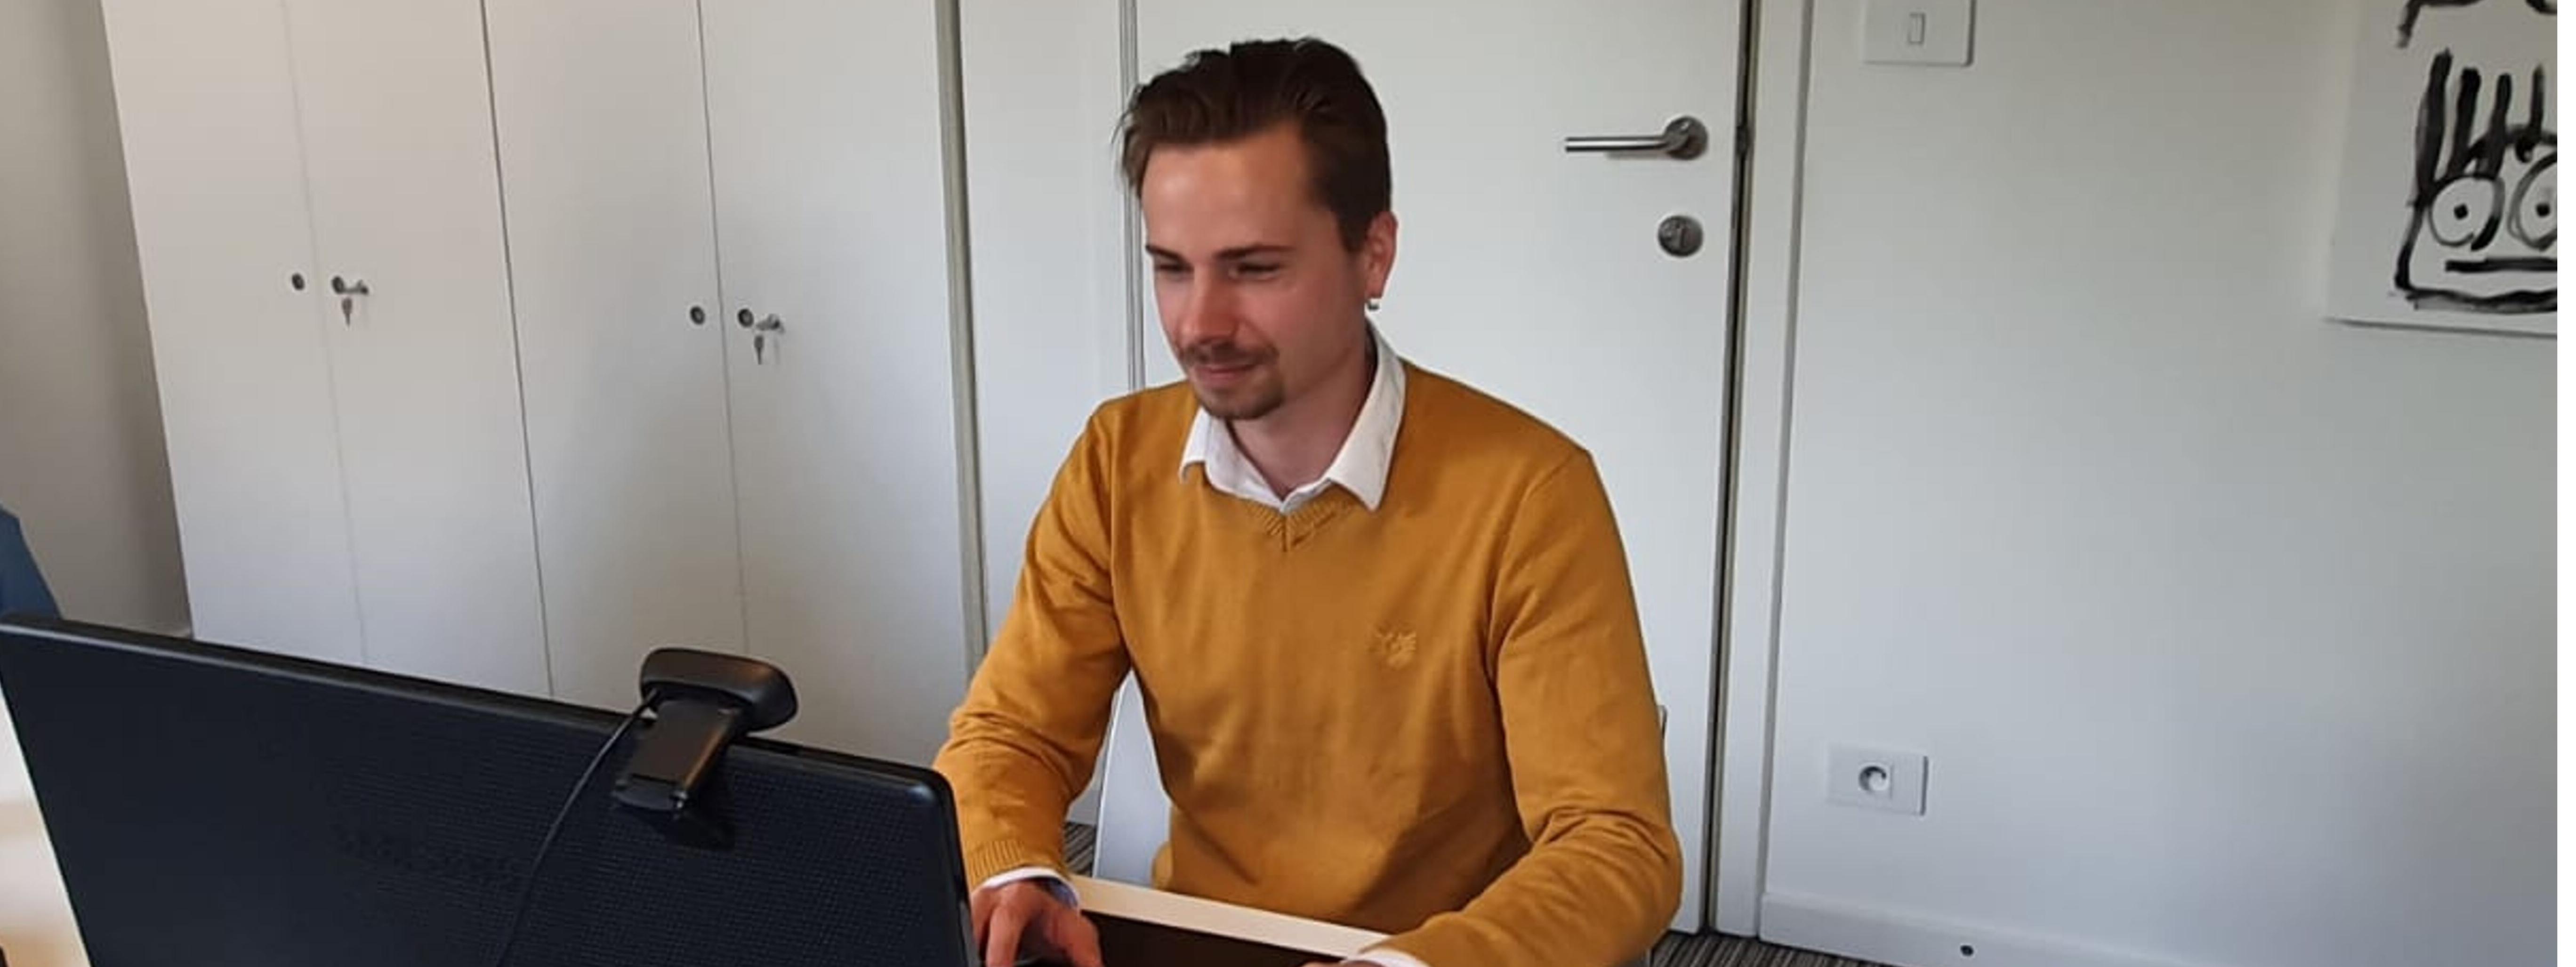 Niels website nieuws